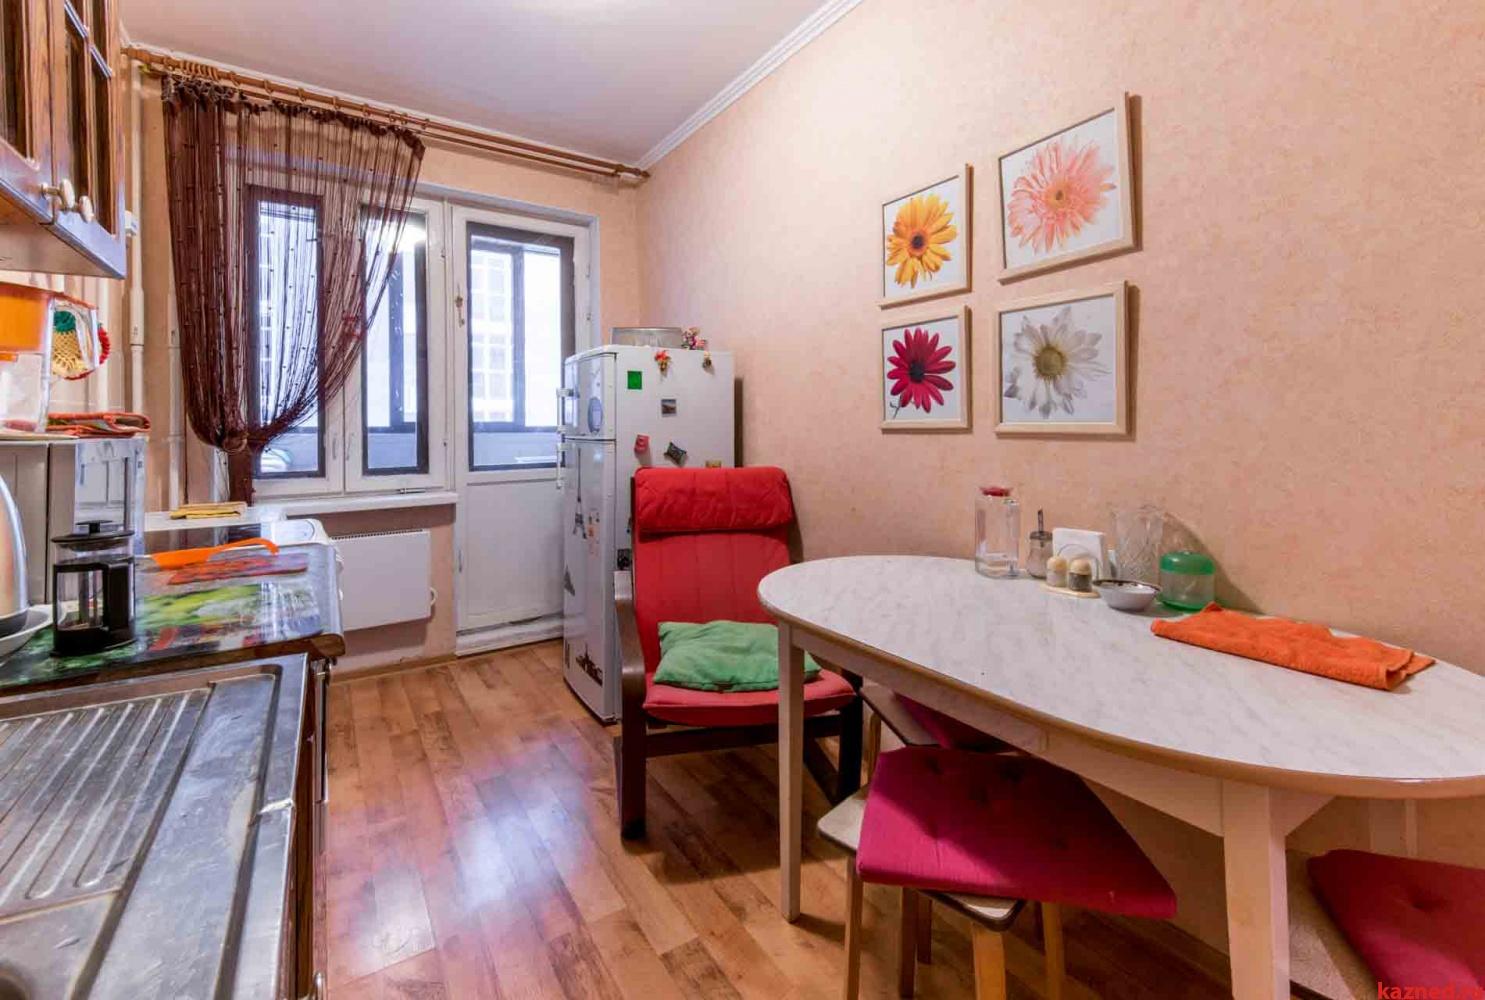 Продажа 1-к квартиры ул.Волочаевская д.6, 38 м²  (миниатюра №4)